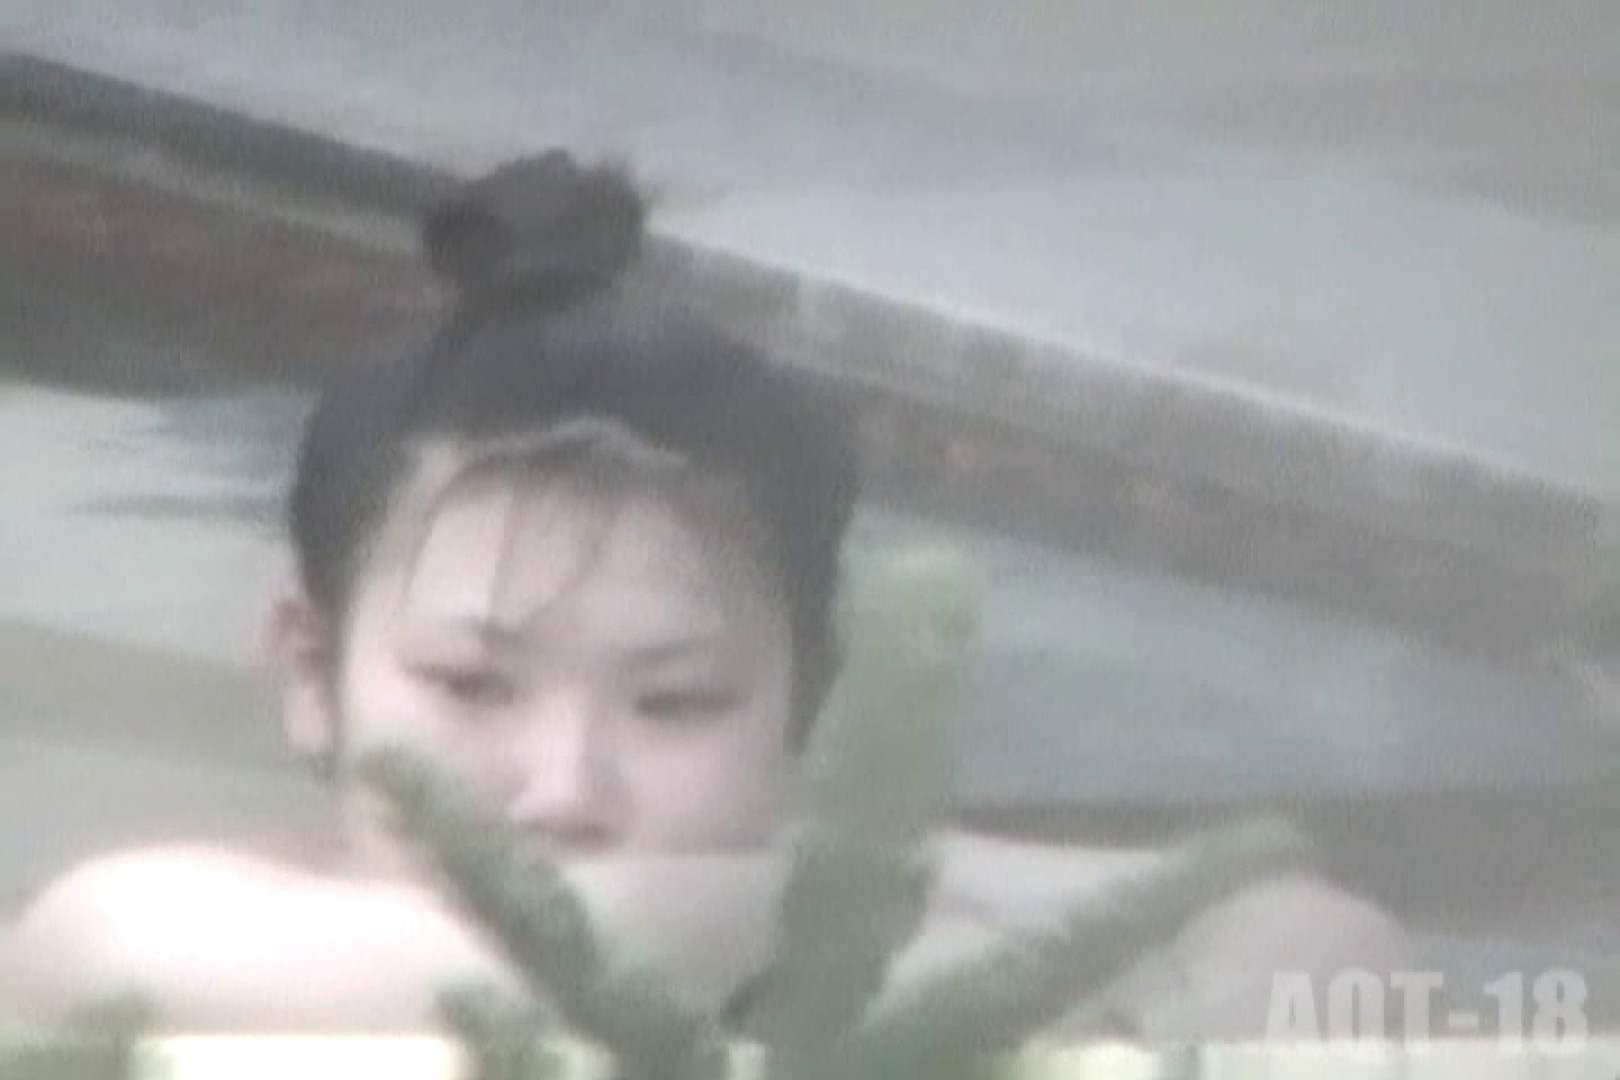 Aquaな露天風呂Vol.855 盗撮 セックス画像 67画像 14